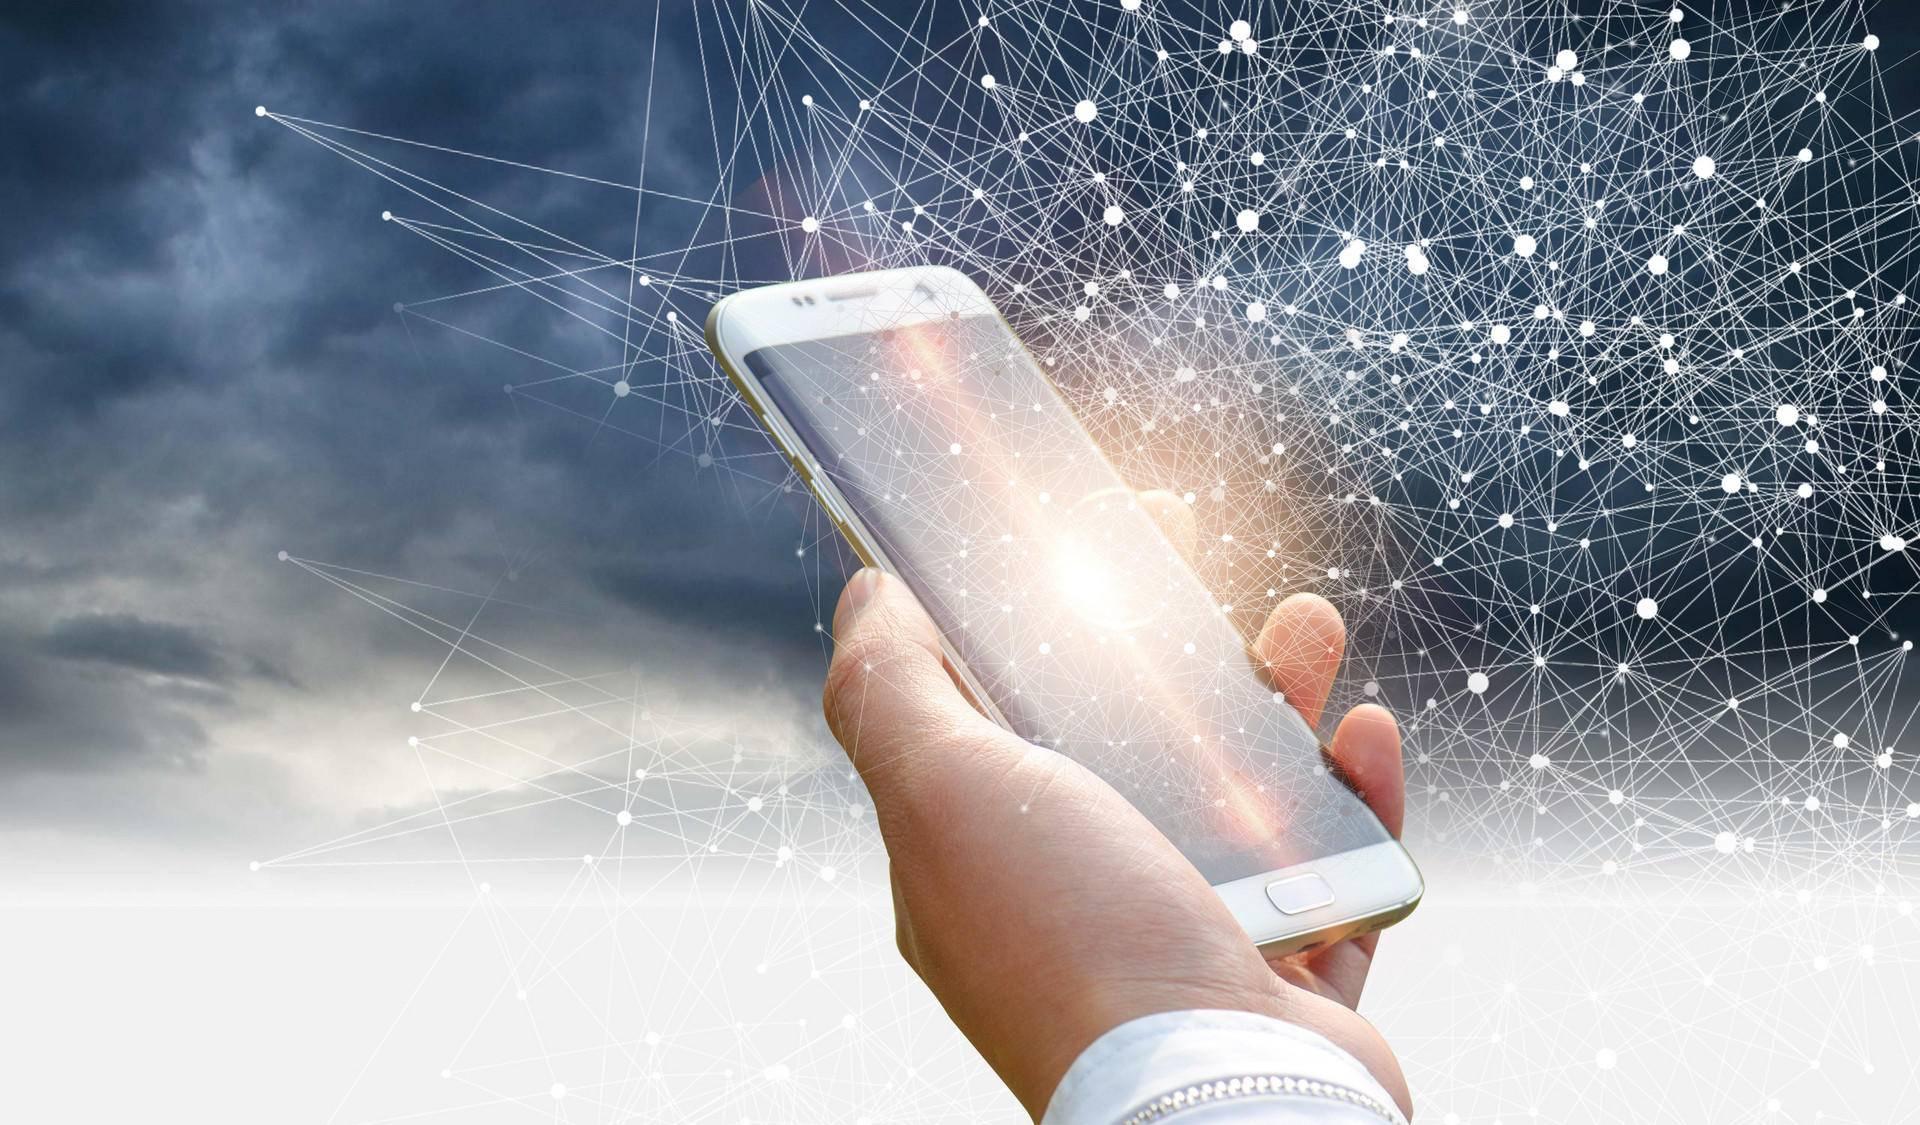 三星電子成立6G移動通信研究組